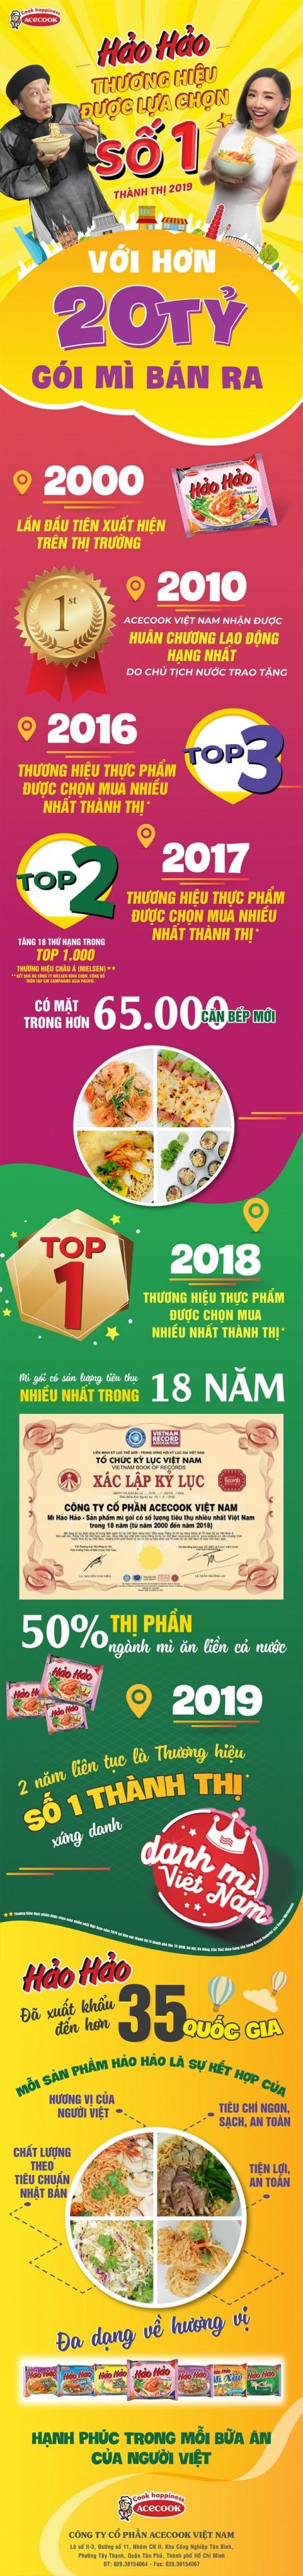 Hảo Hảo - Mì ăn liền được chọn mua nhiều nhất thành thị 2019